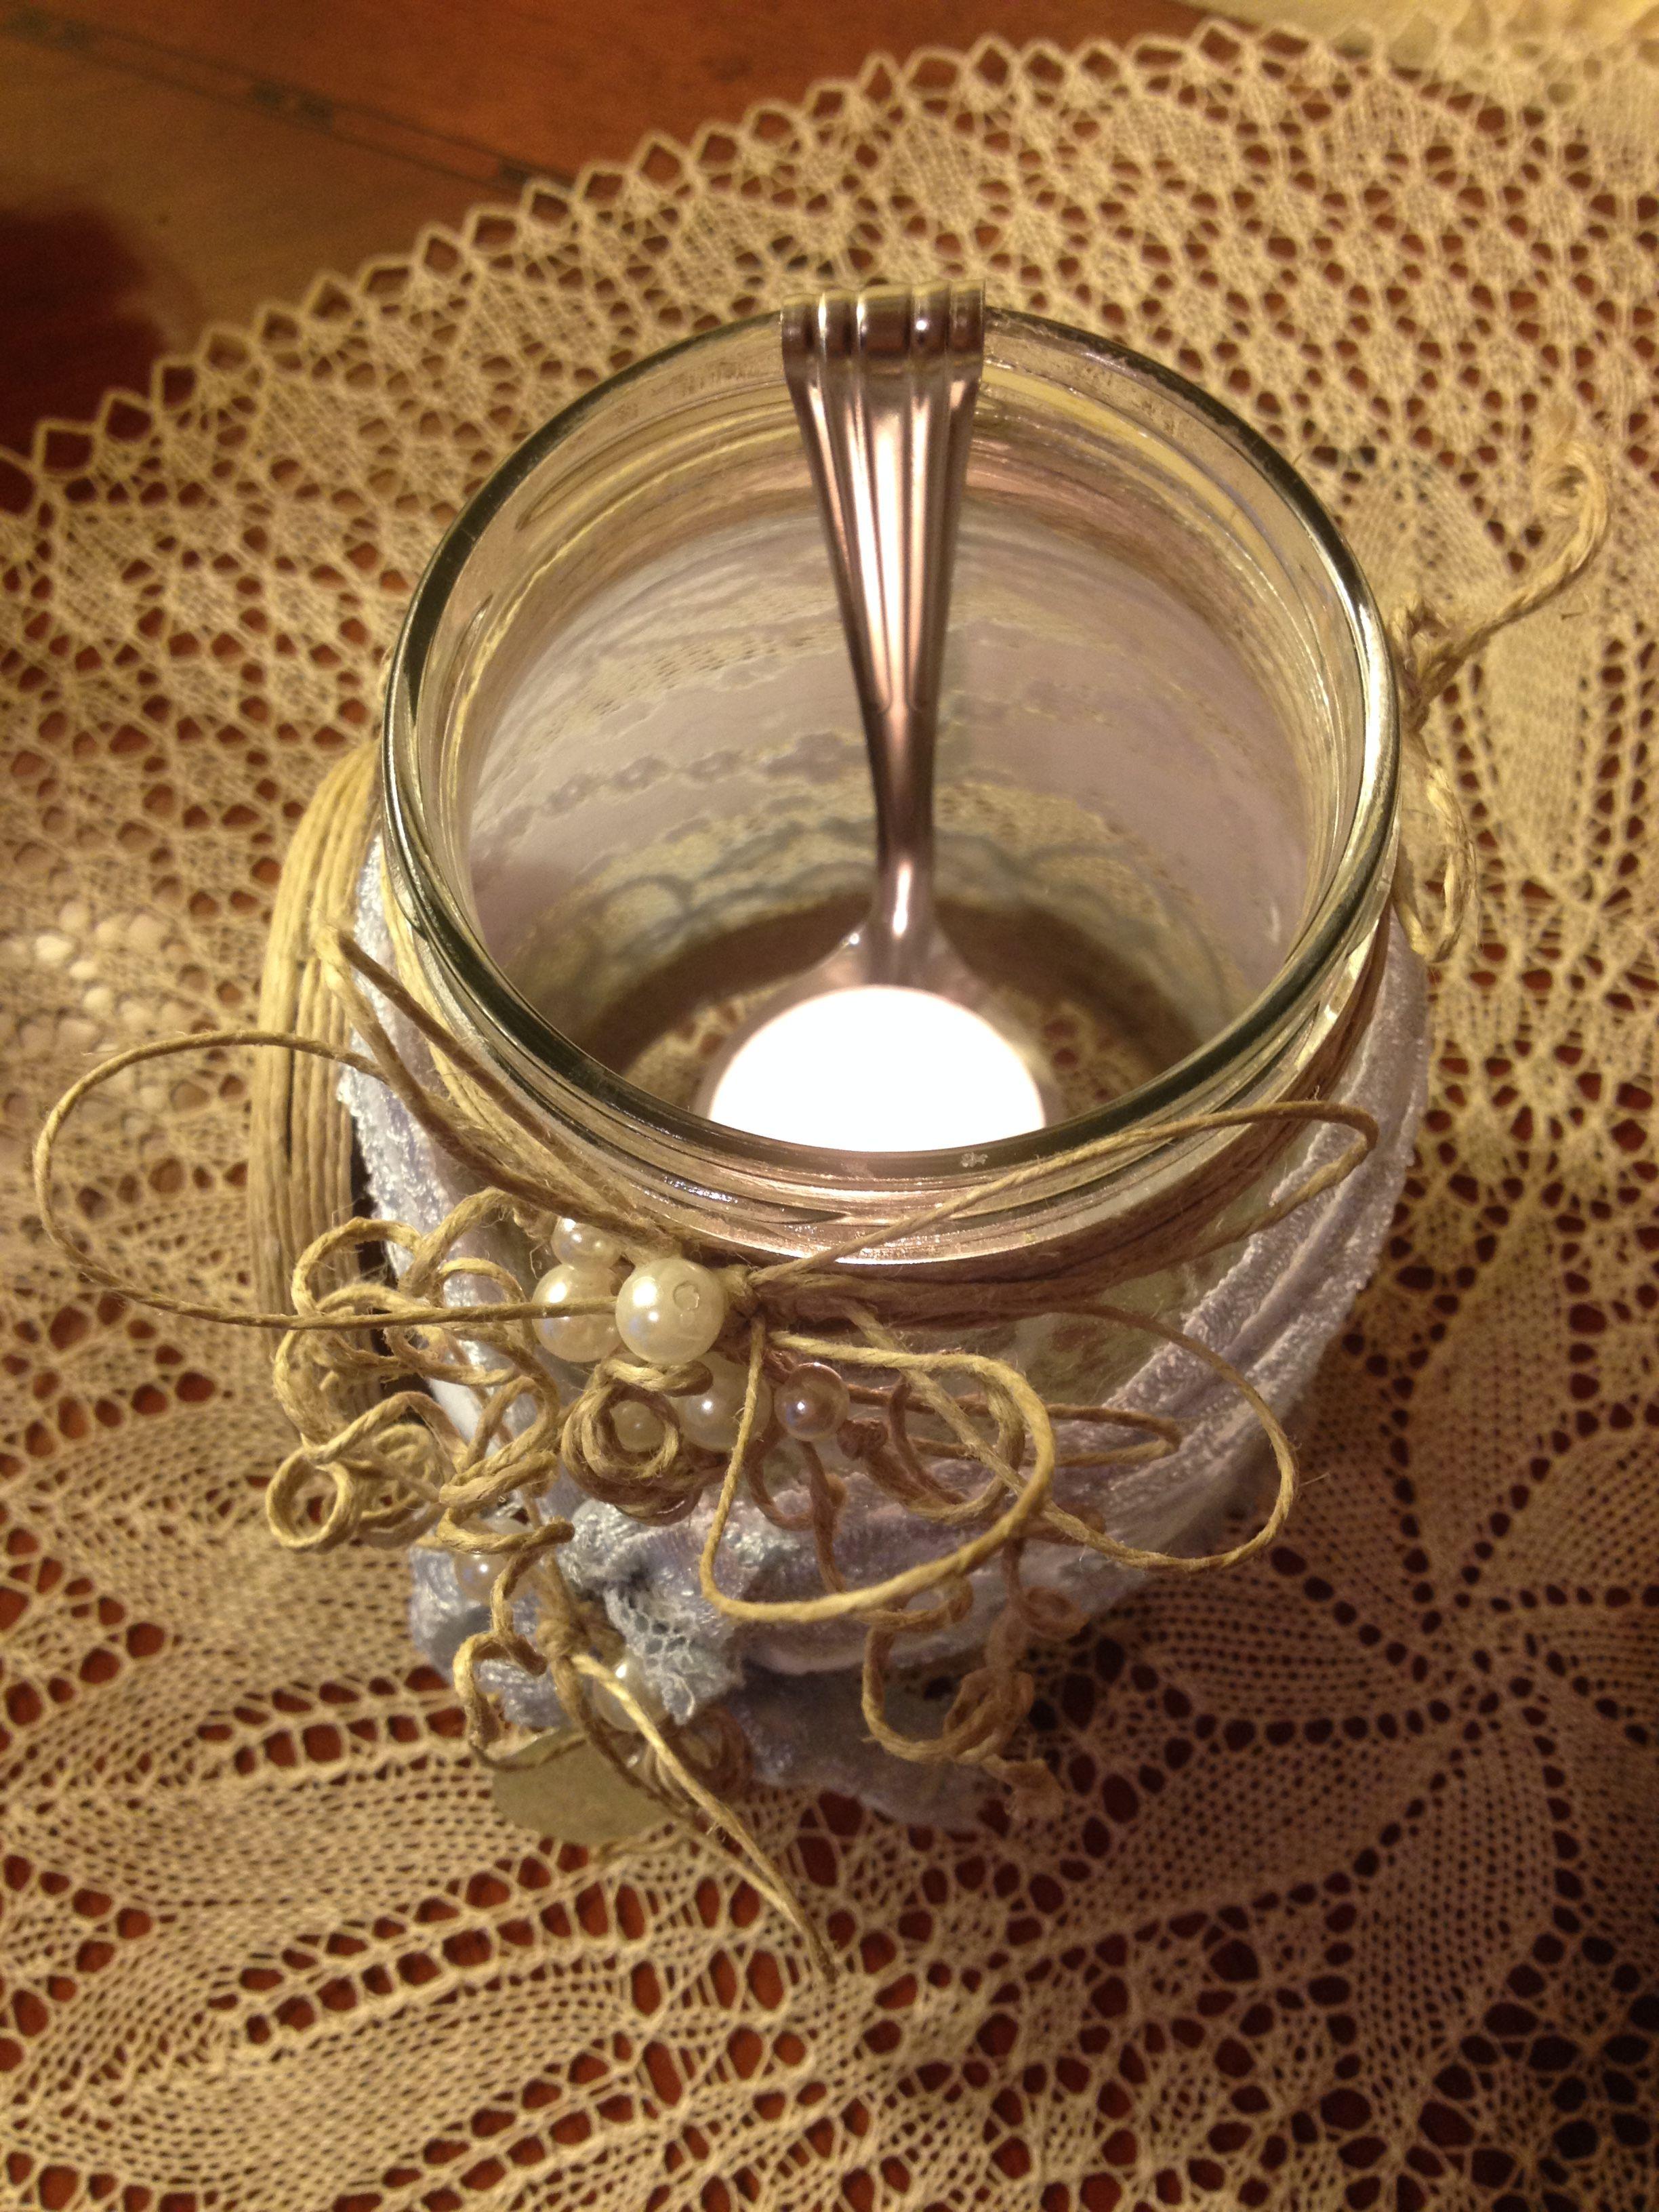 Artista Monica Bonaventura. Particolare di un porta candele realizzato con il riciclo di un vaso di olive abbellito con altro materiale di recupero. Il cucchiaio è stato anche questo riciclato e piegato per sorreggere il lumino